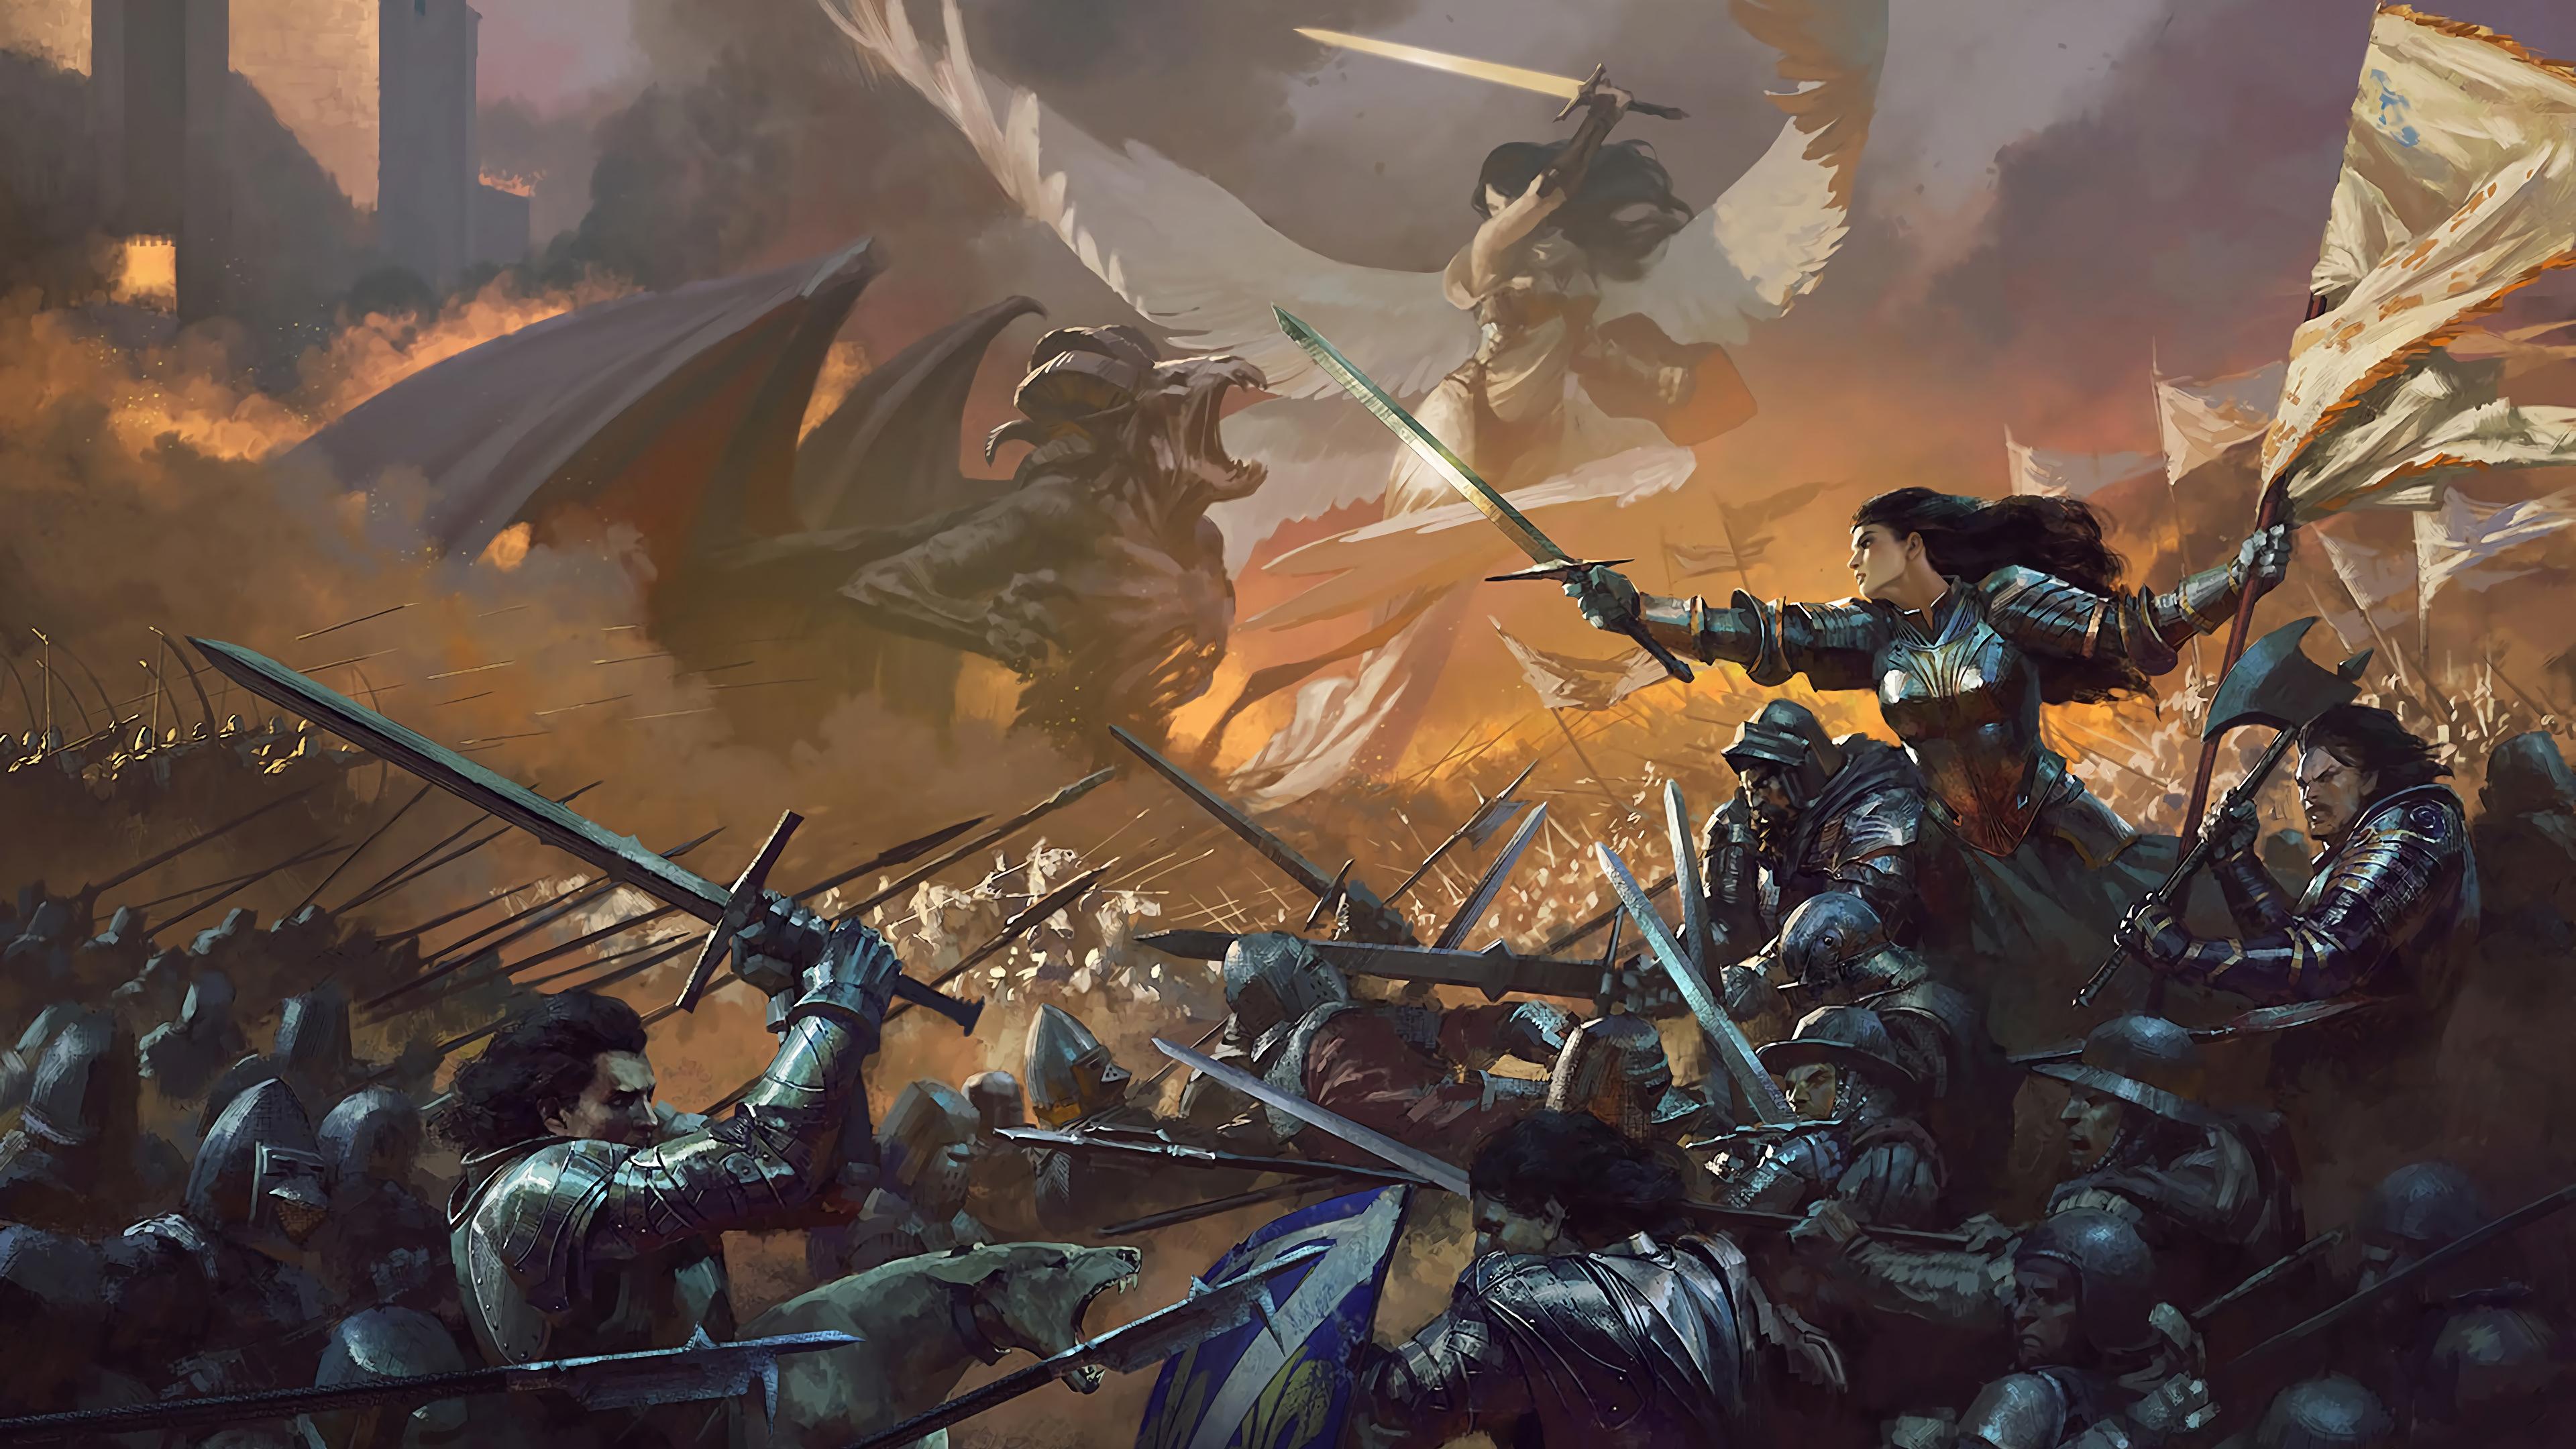 Epic Battle Wallpaper 3840x2160 Download Hd Wallpaper Wallpapertip